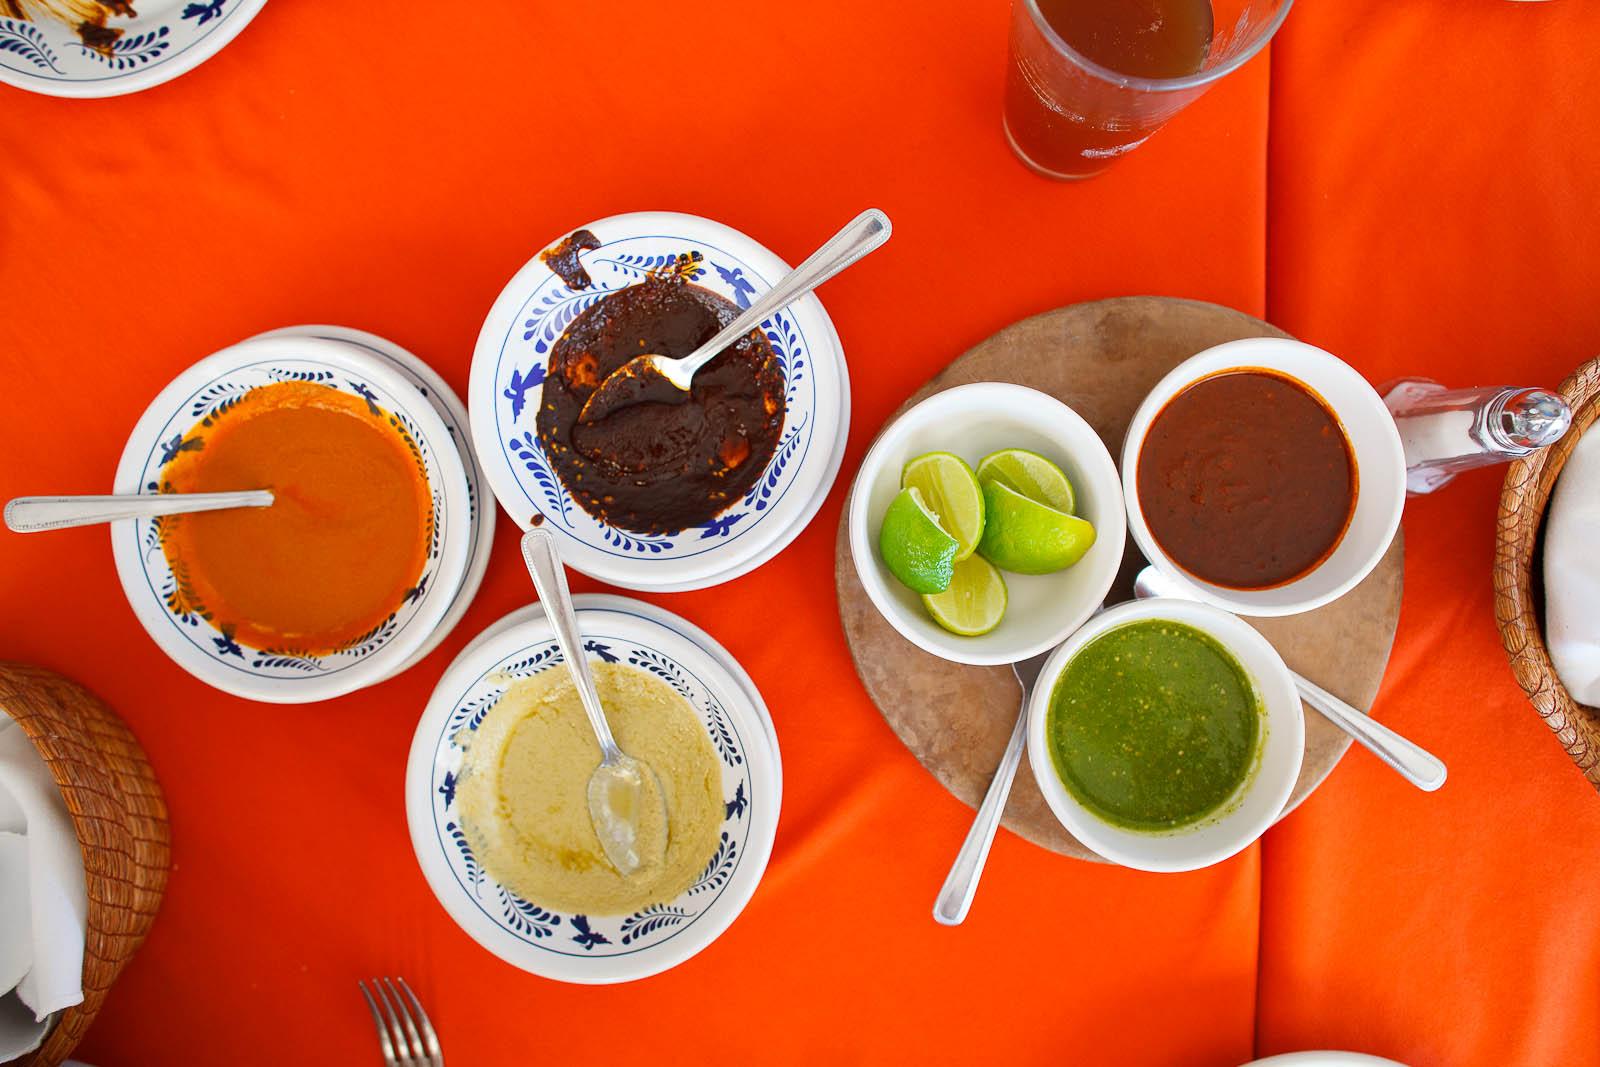 Mole tasting: mole verde, pipian rojo, and mole poblano